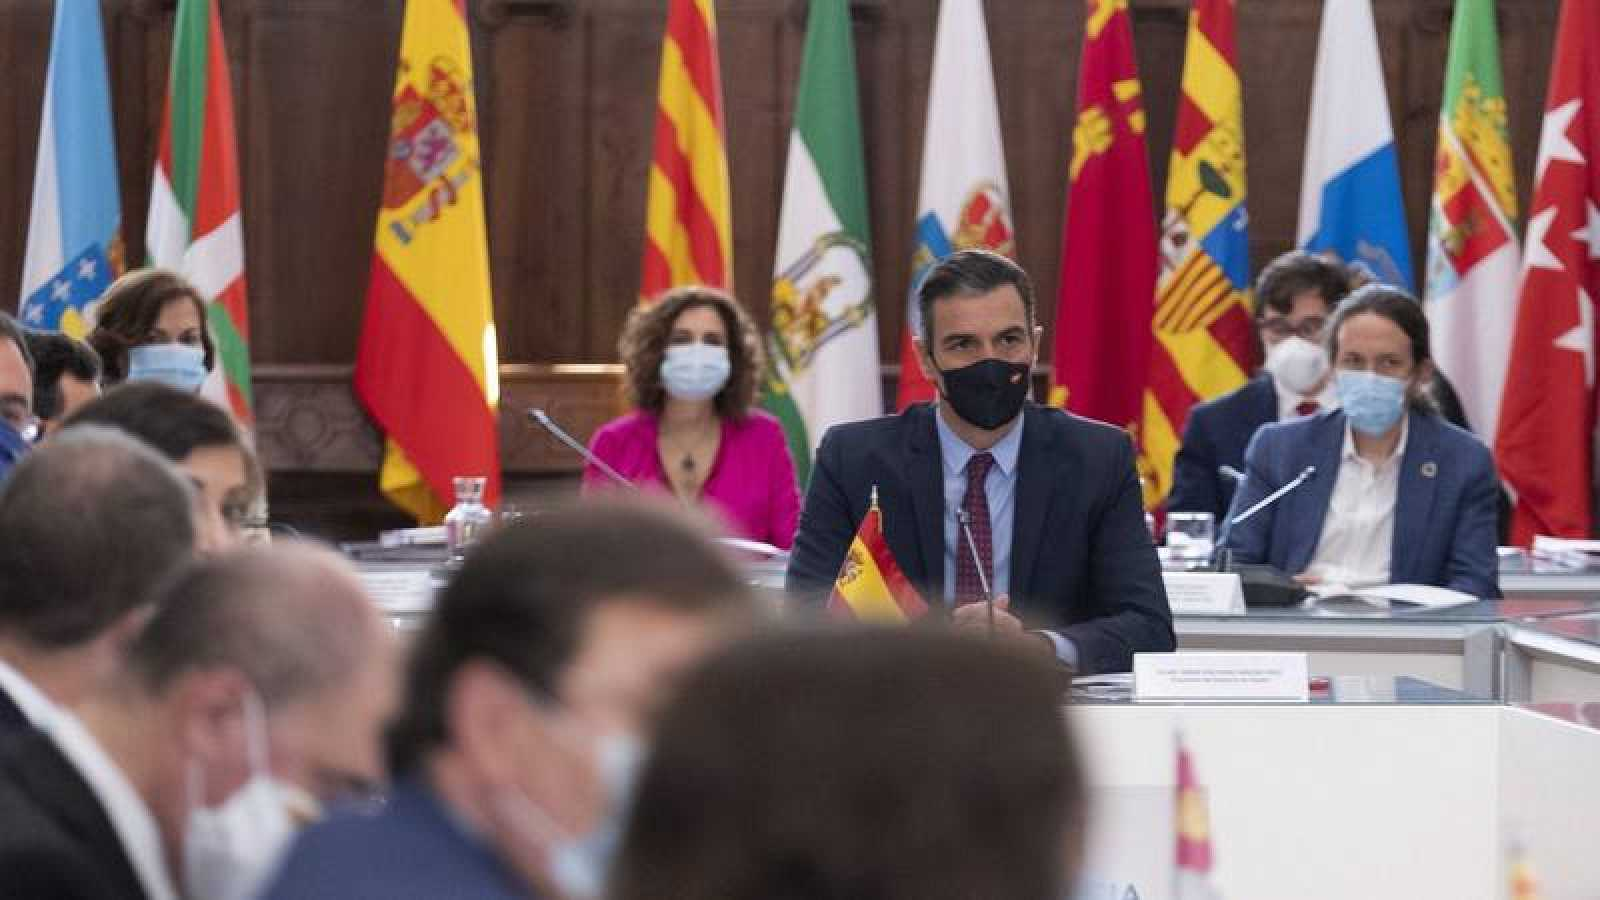 Conferencia de Presidentes en San Millán de la Cogolla (La Rioja)